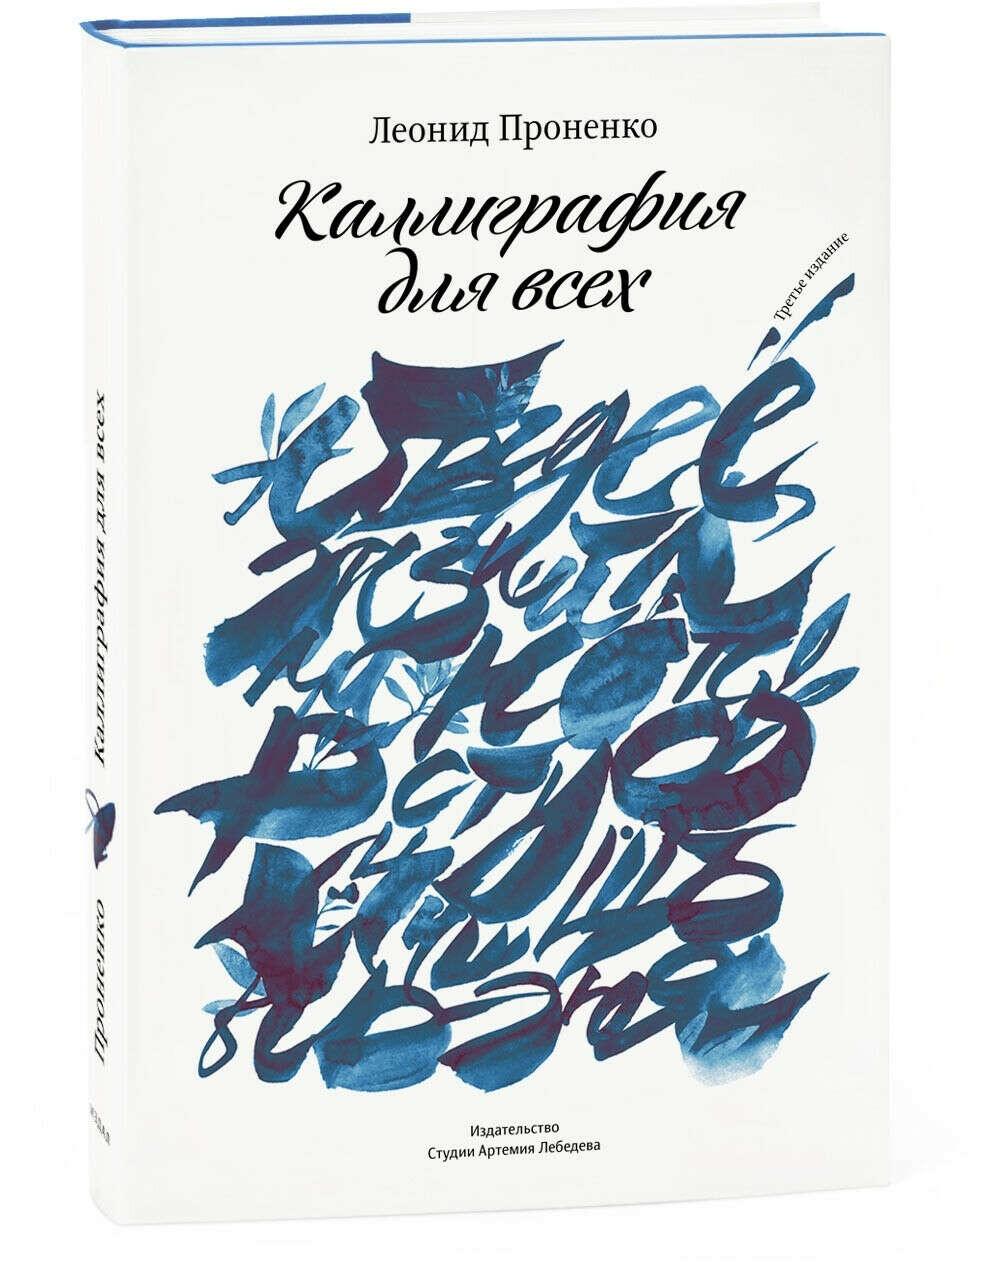 Леонид Проненко. Каллиграфия для всех.